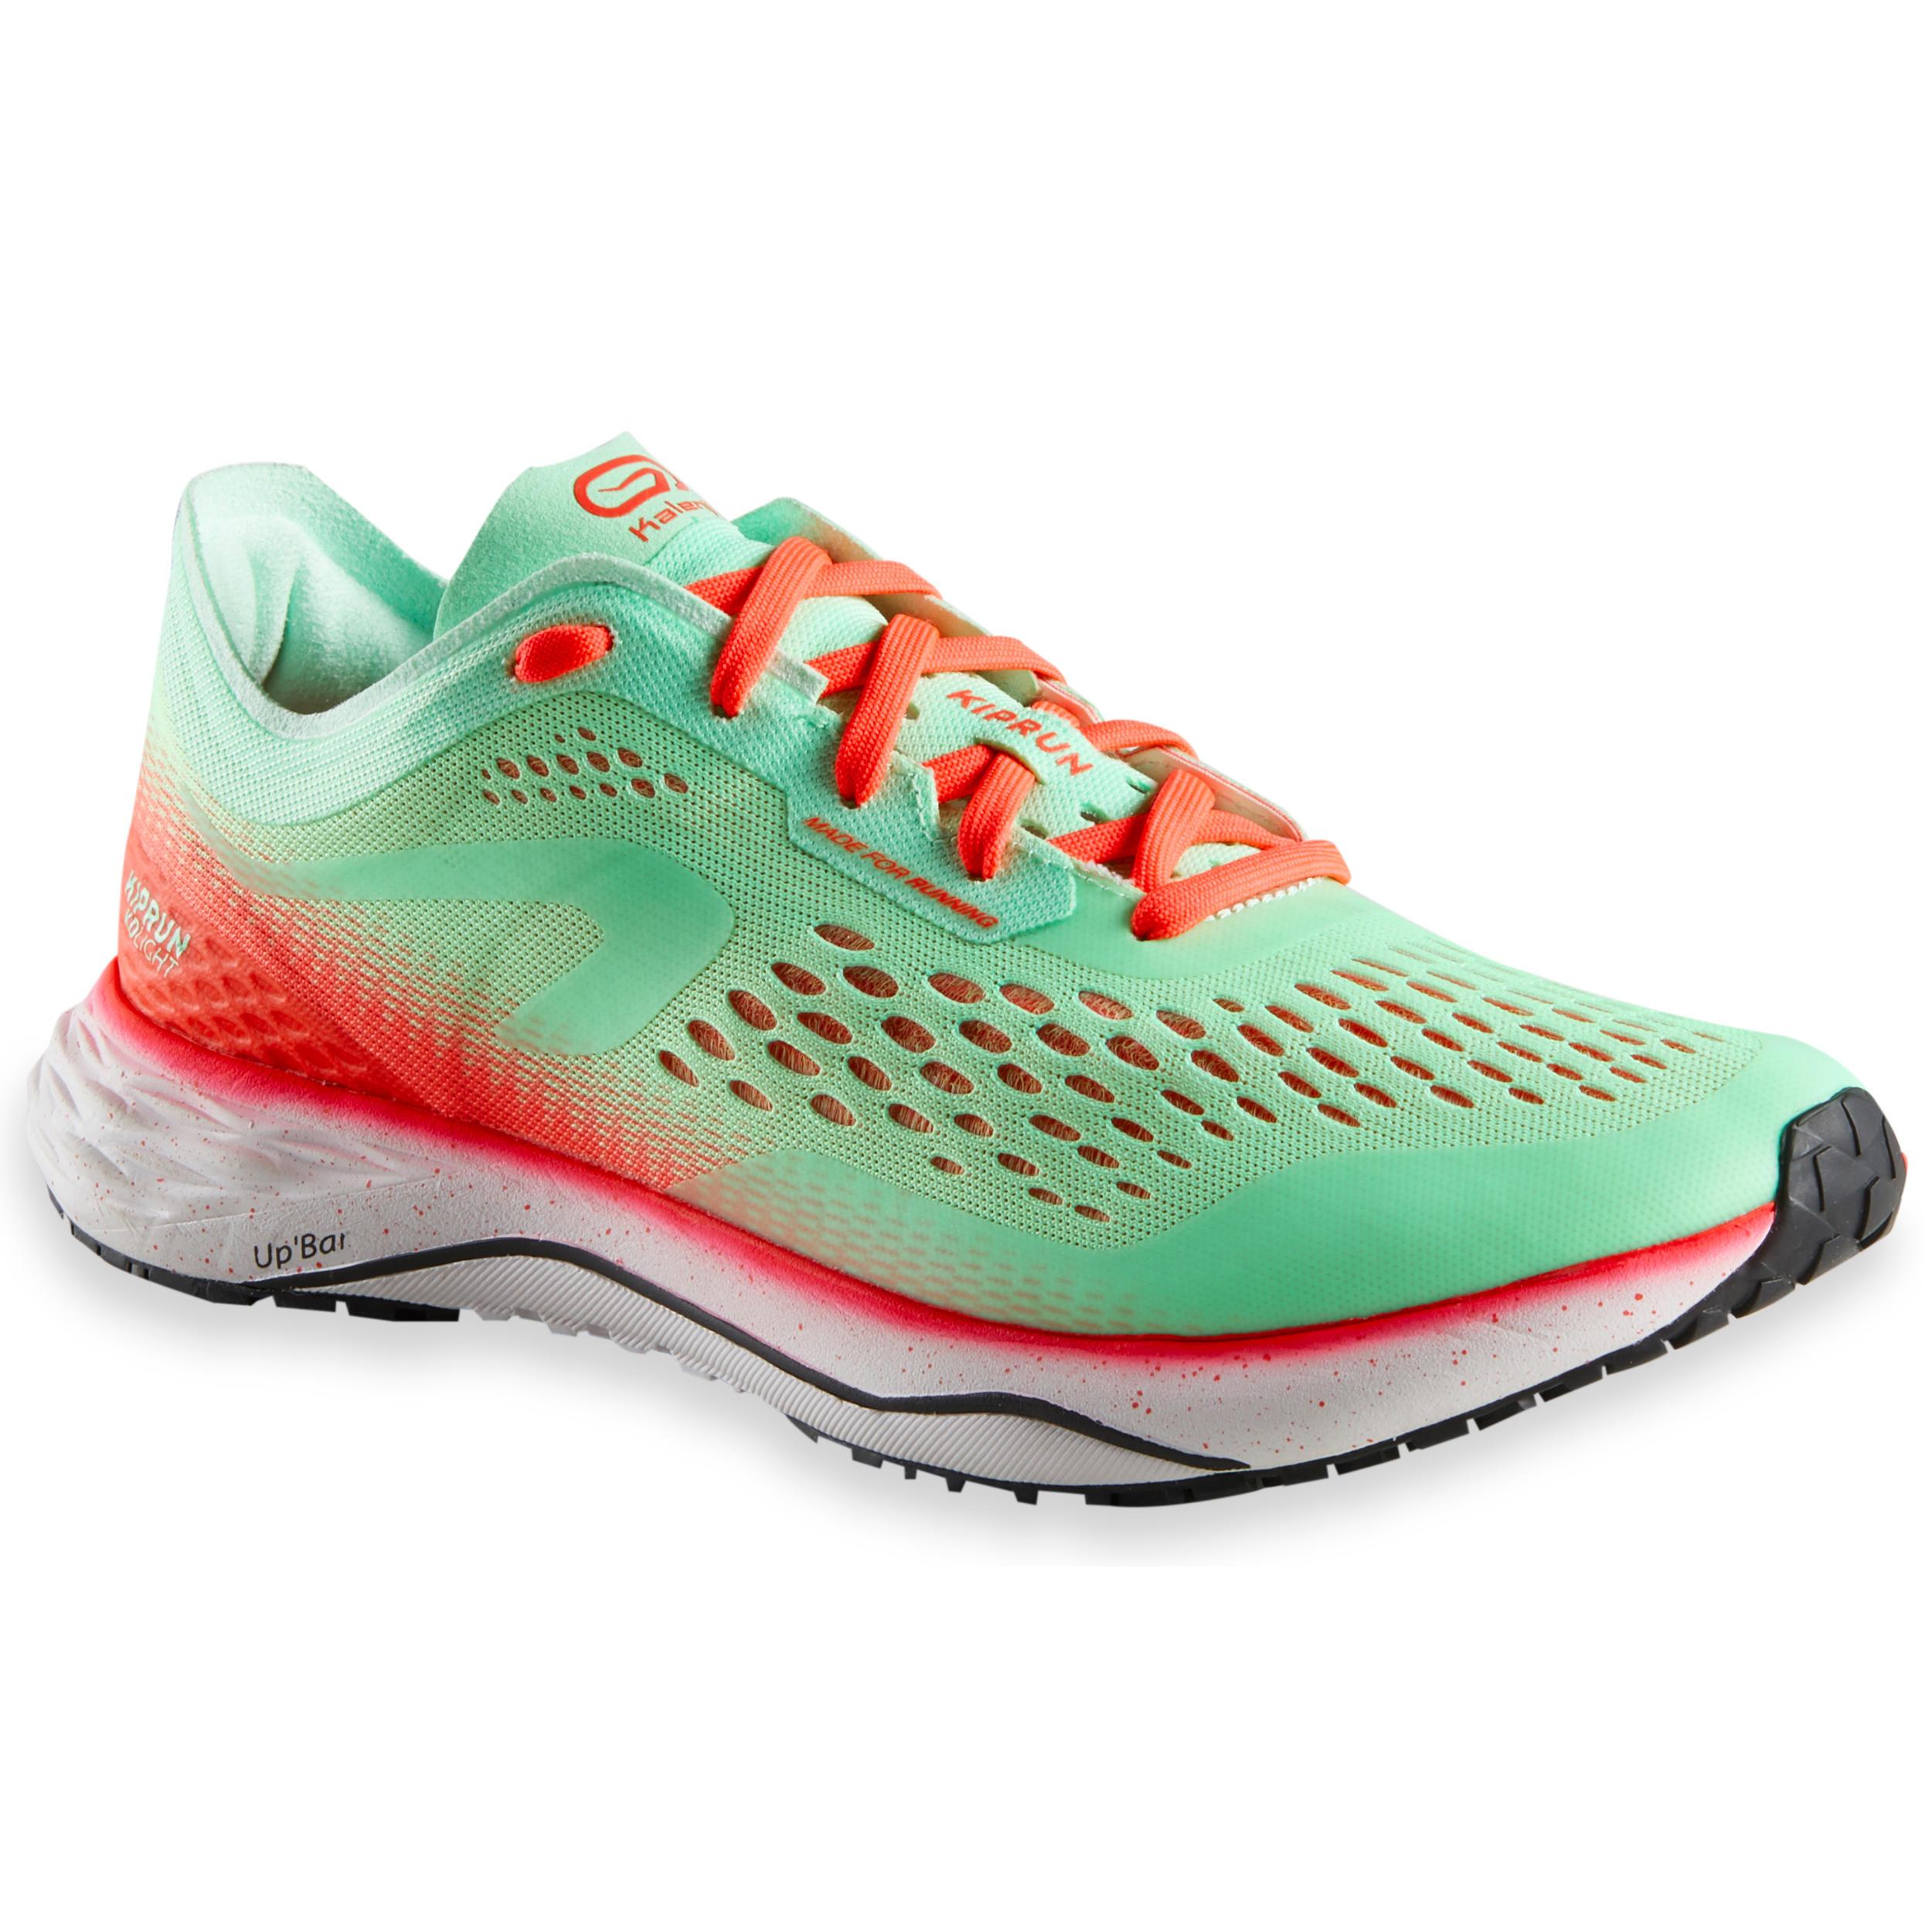 nouvelle arrivee grande remise pour nouvelle saison Chaussures de Running Femme| DECATHLON